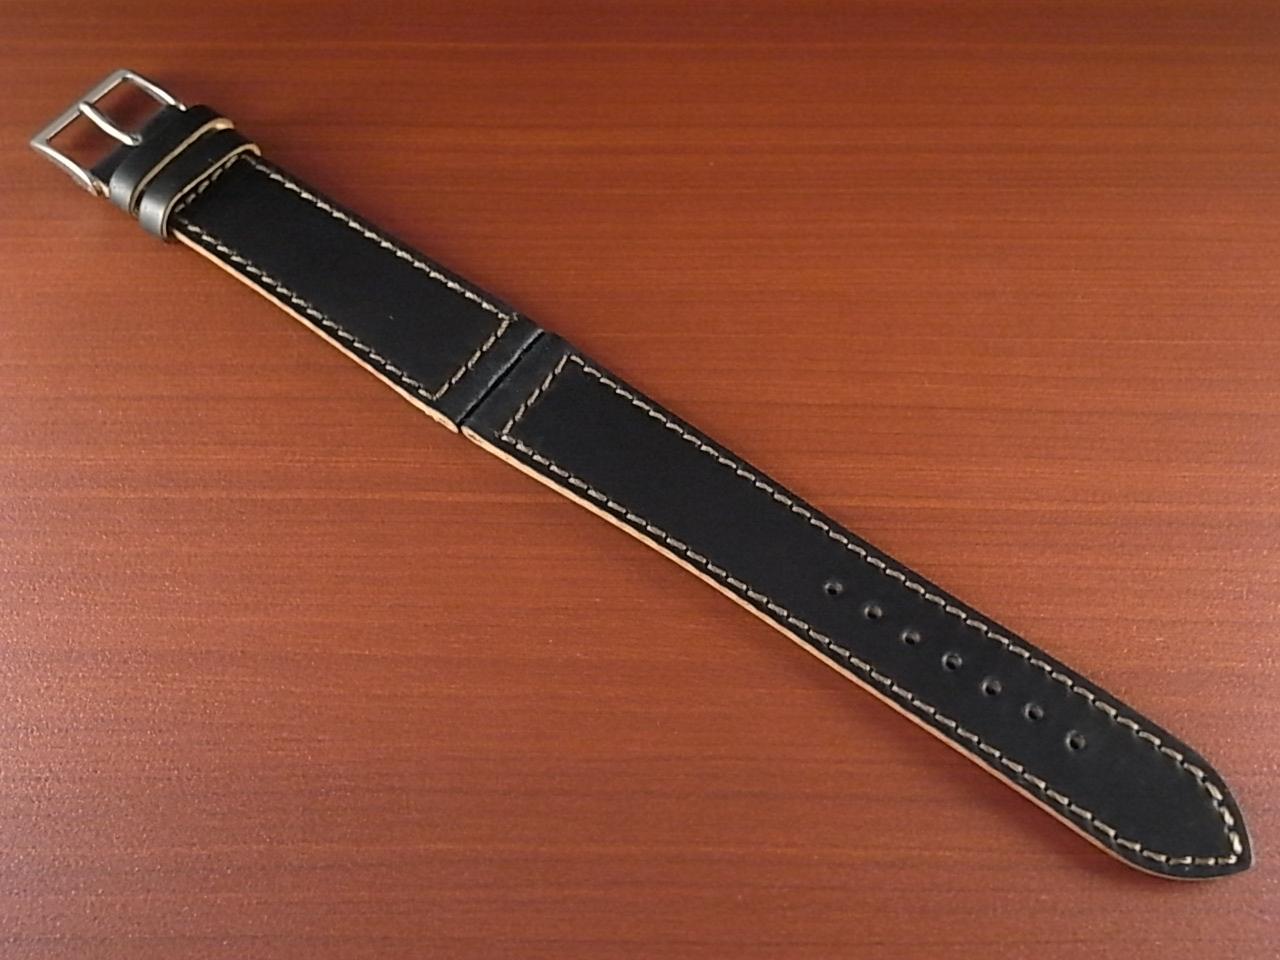 ホーウィン コードバン レギュラーB ブラック 18mmのメイン写真